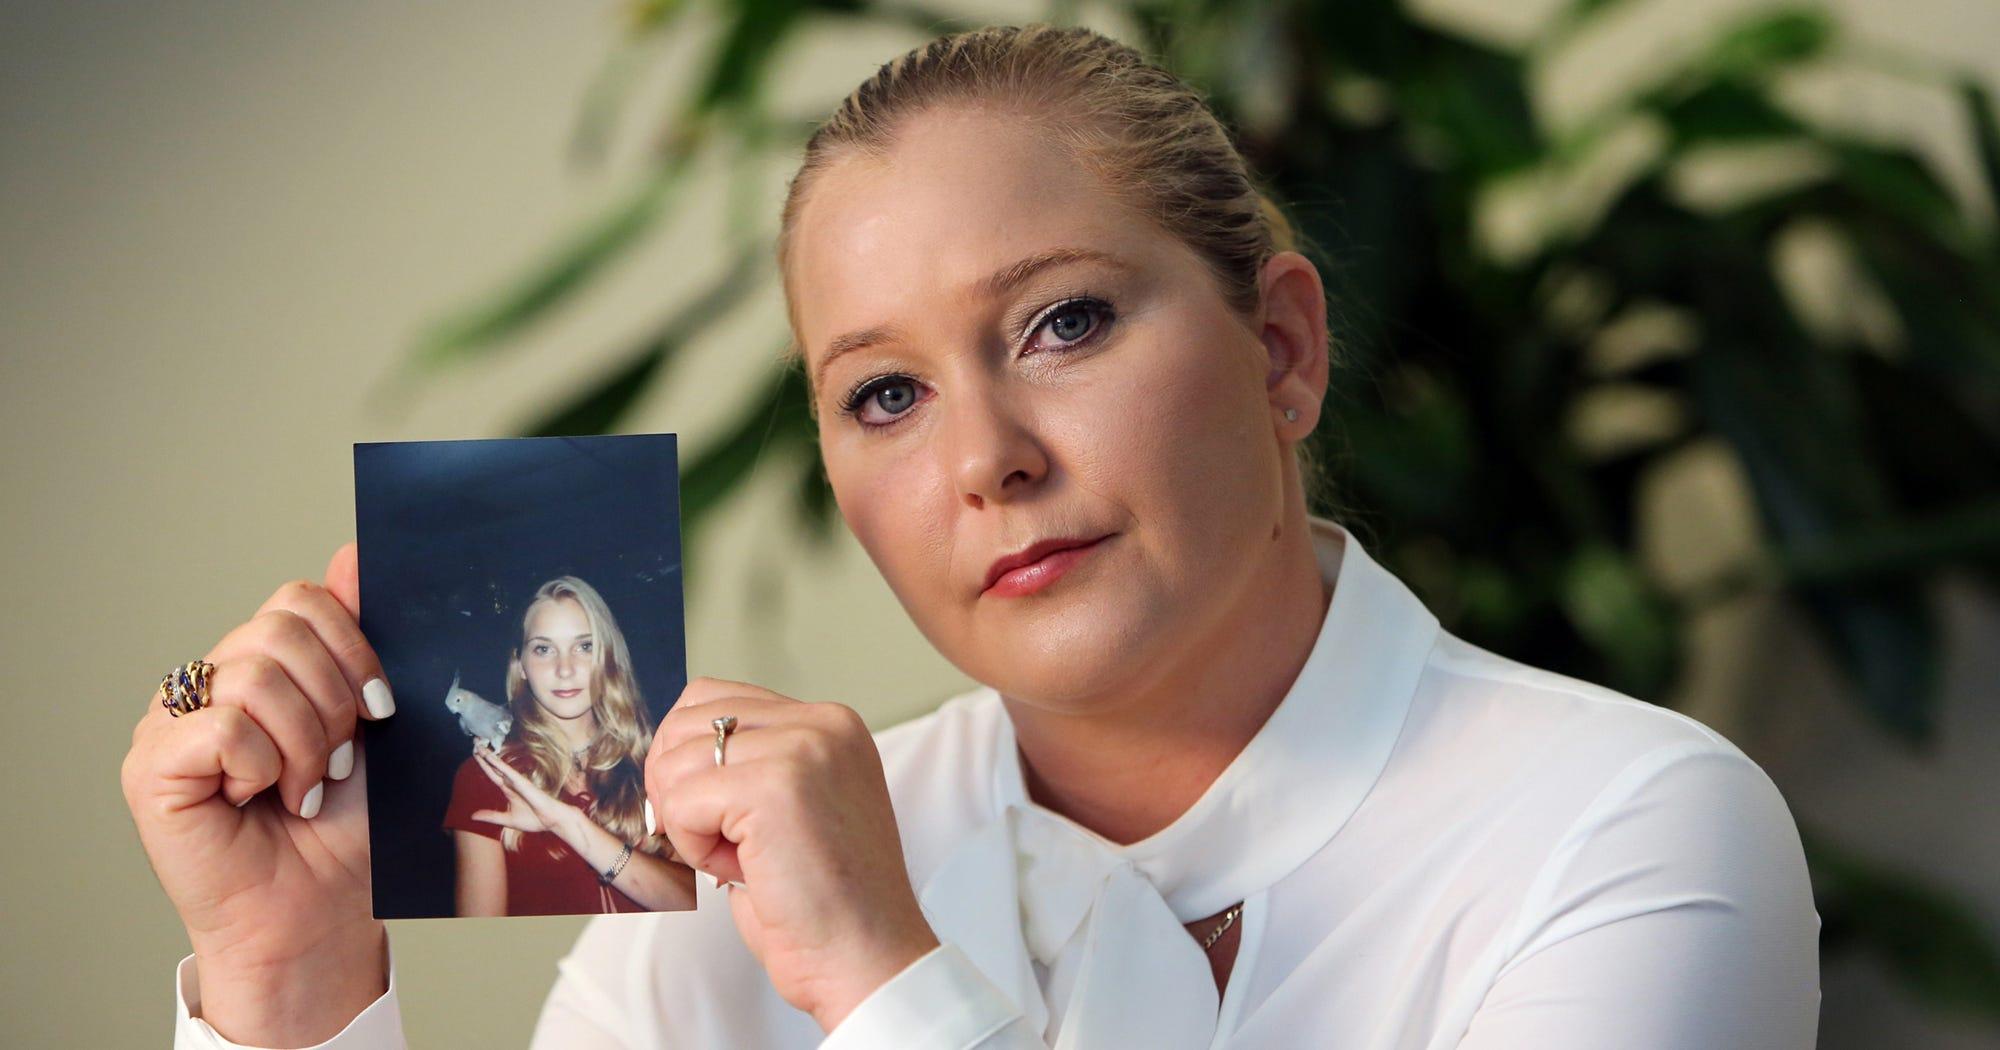 Survivors Of Jeffrey Epstein's Abuse Speak Out